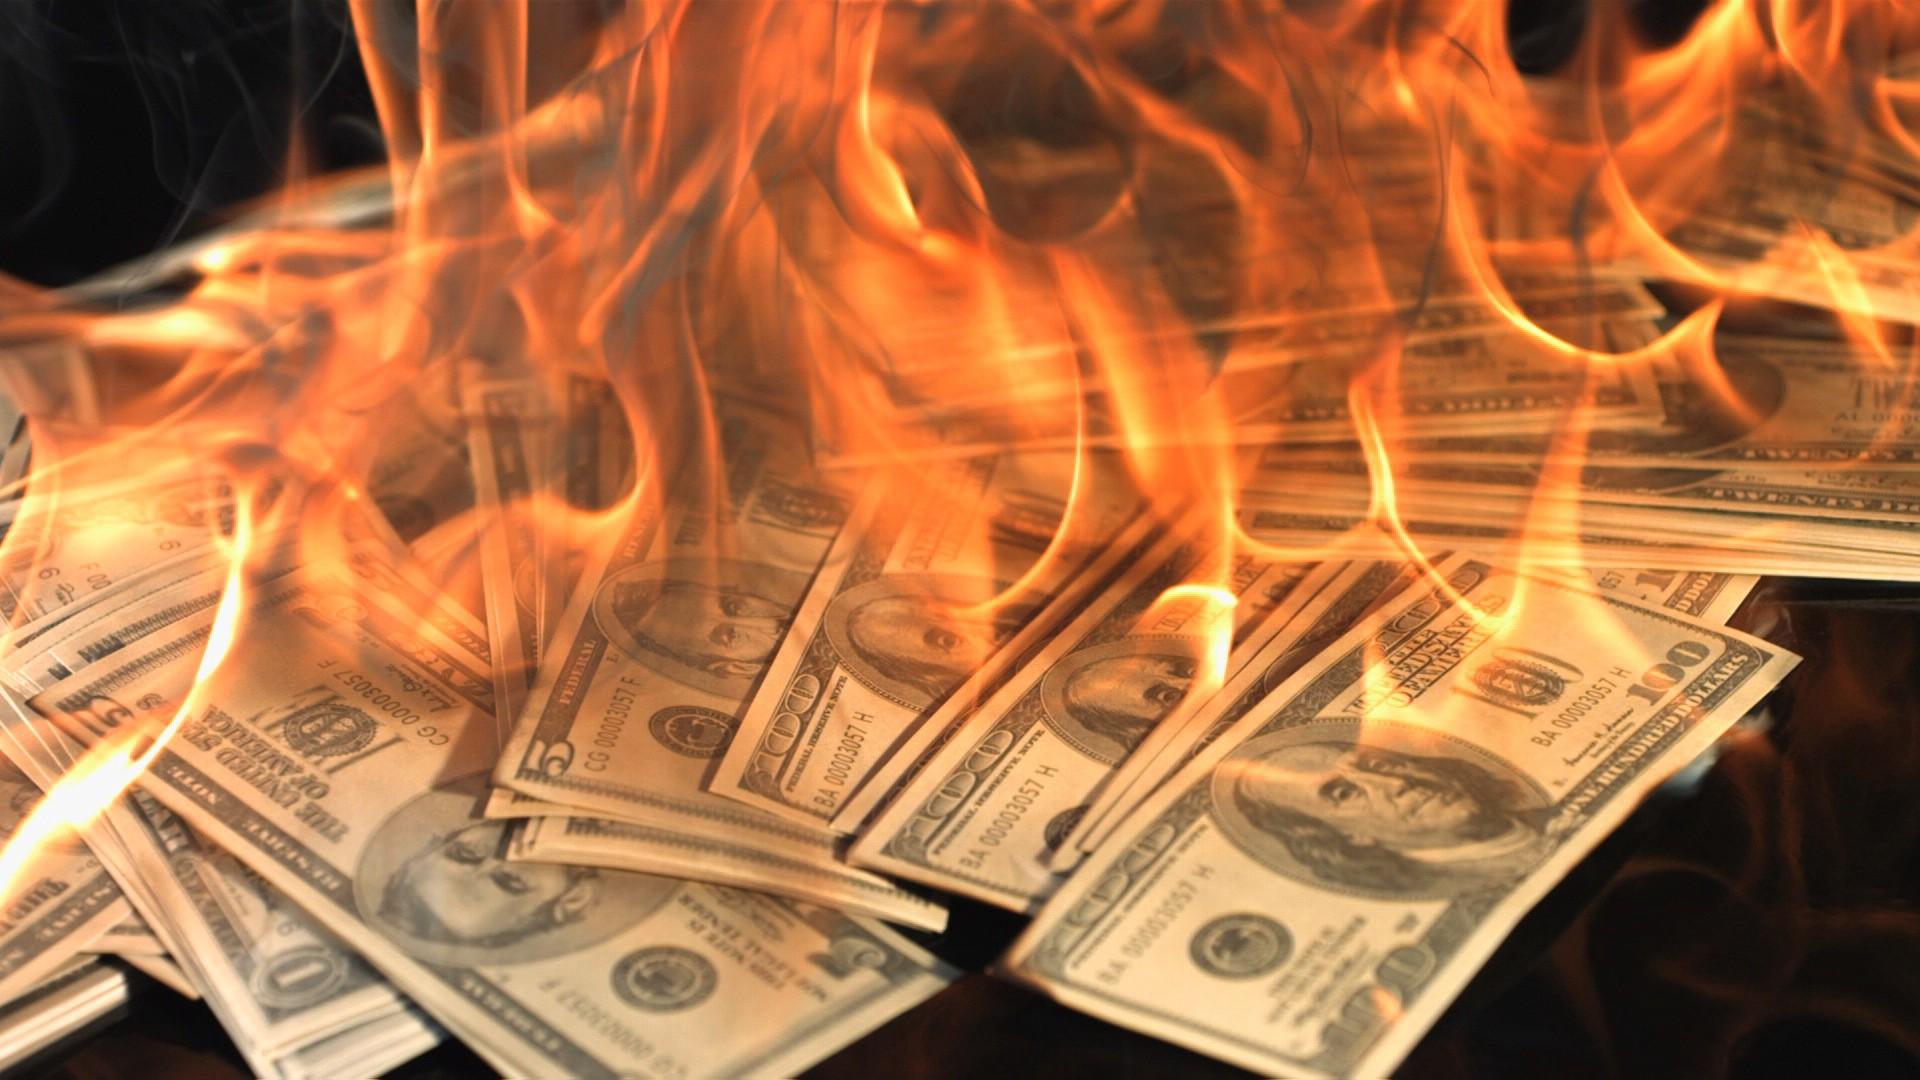 早期新創該不該燒錢去教育市場?|大和有話說